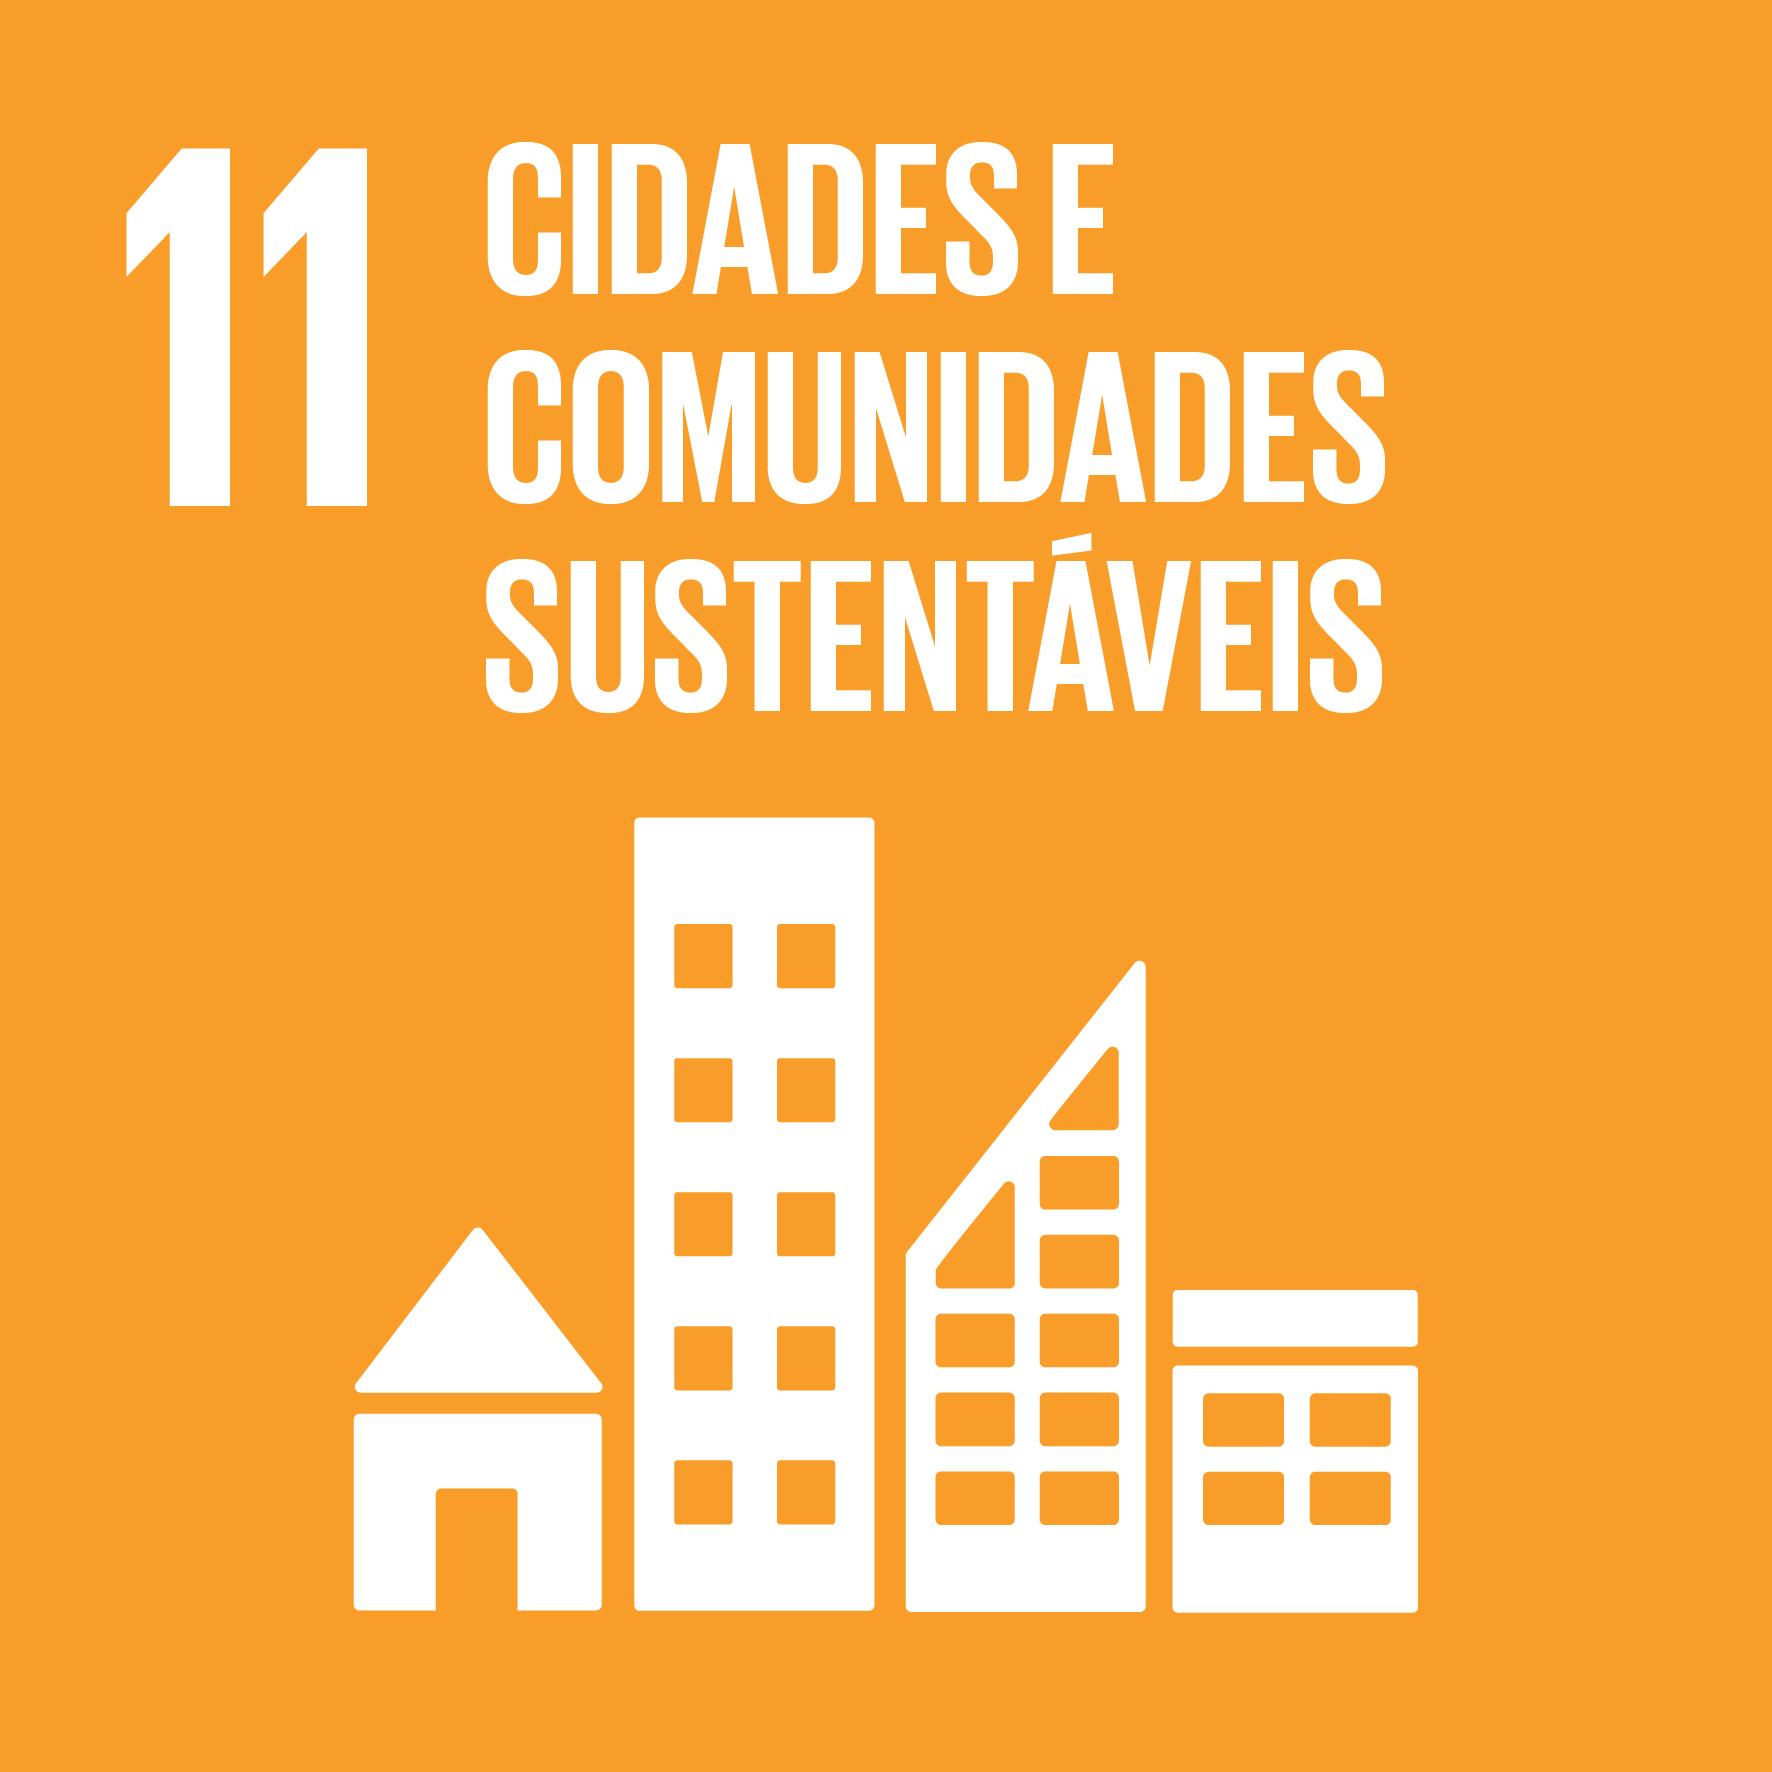 Objetivo 11: Cidades e comunidades sustentáveis - Nações Unidas - ONU  Portugal